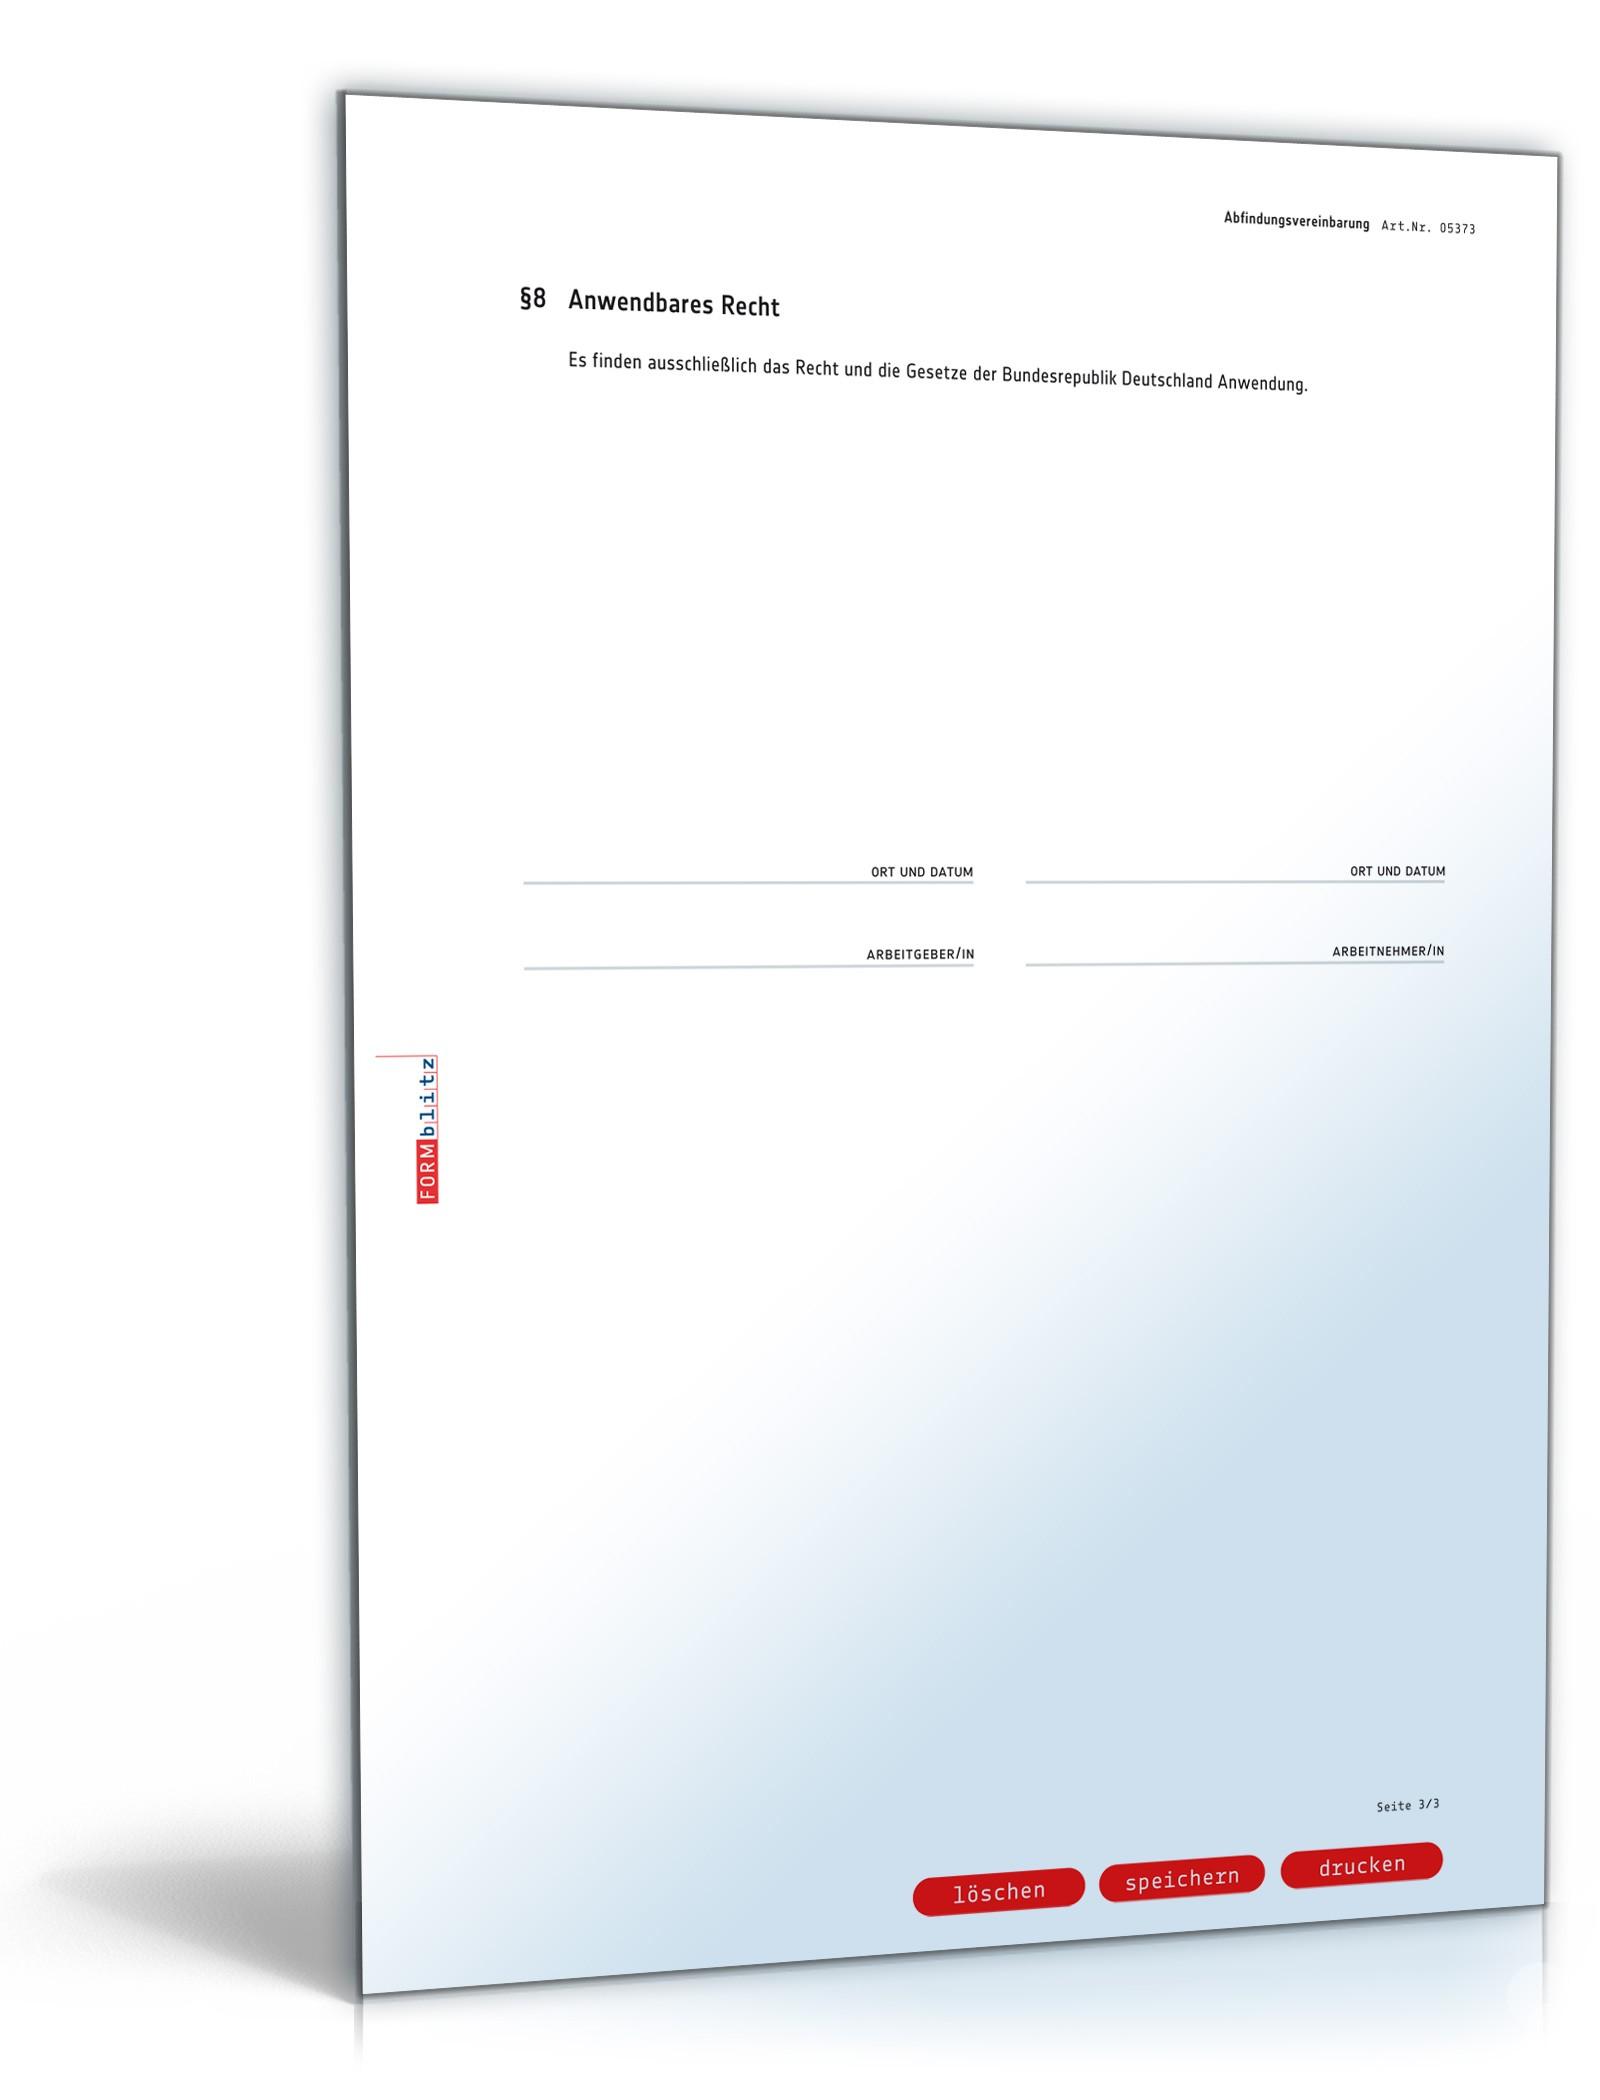 Abfindungsvereinbarung Anwaltsgeprüftes Muster Zum Download